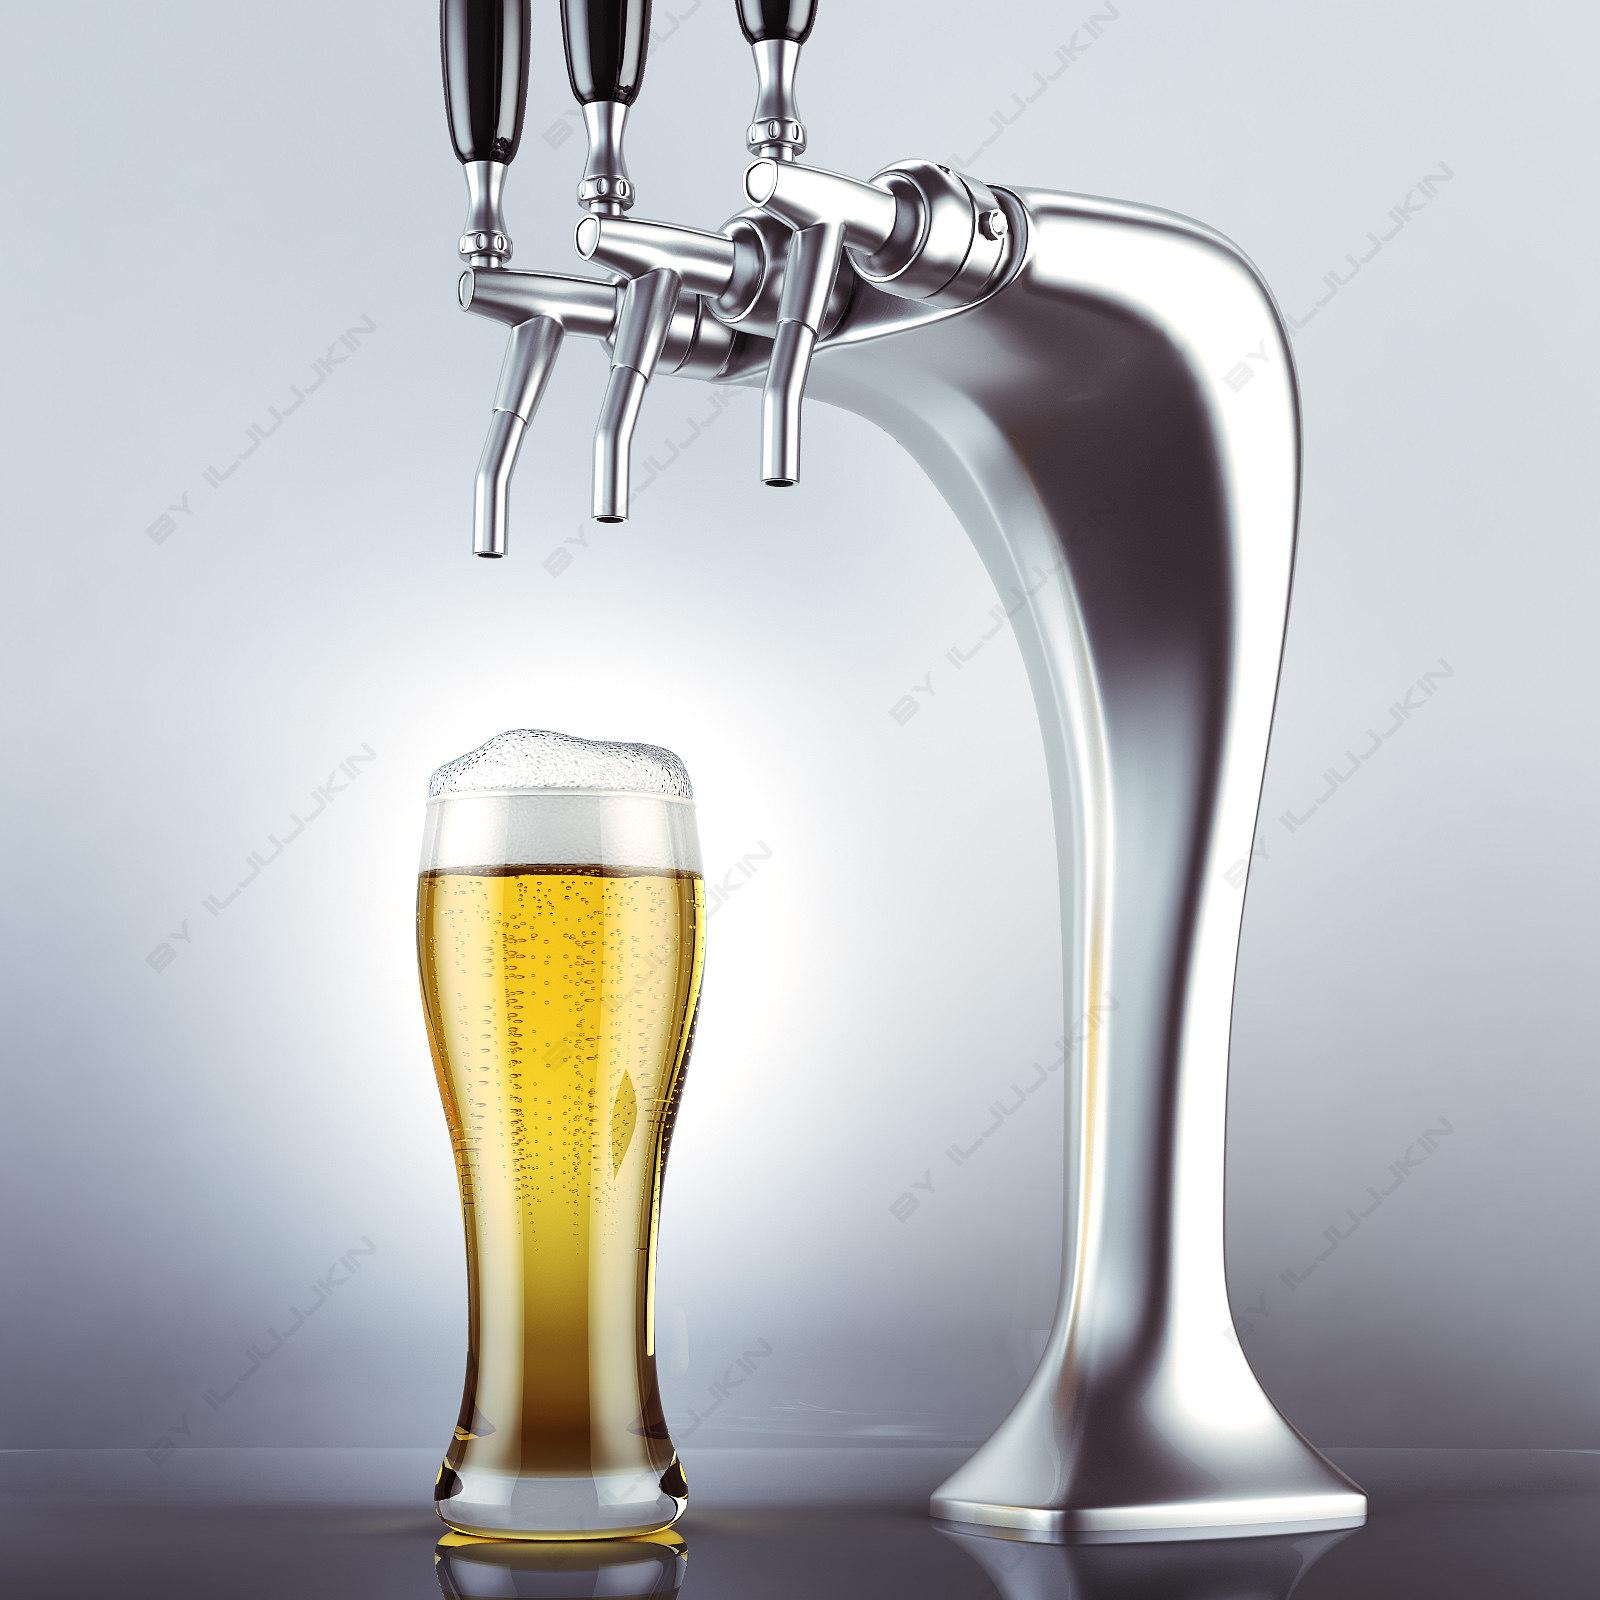 Beer_tower_glass_01.jpg